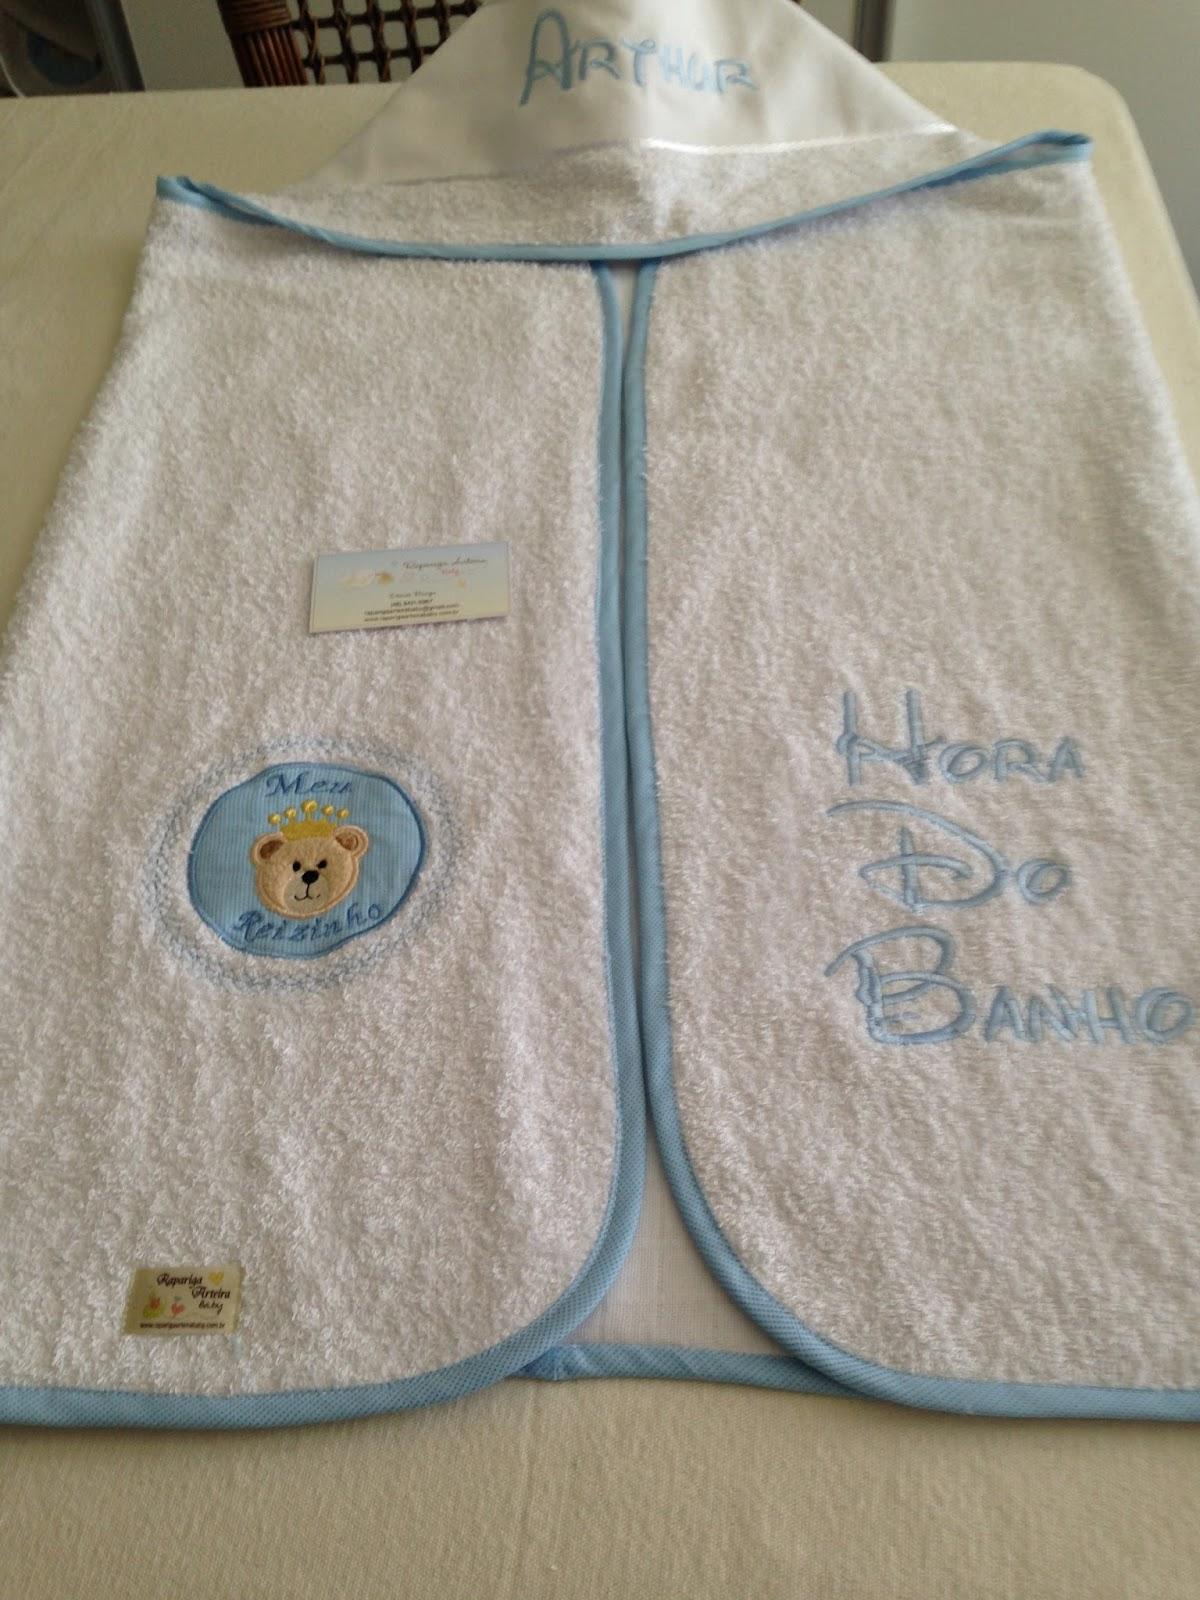 Rapariga Arteira Baby  Toalha de banho com capuz para bebe 5b63b4afdb8